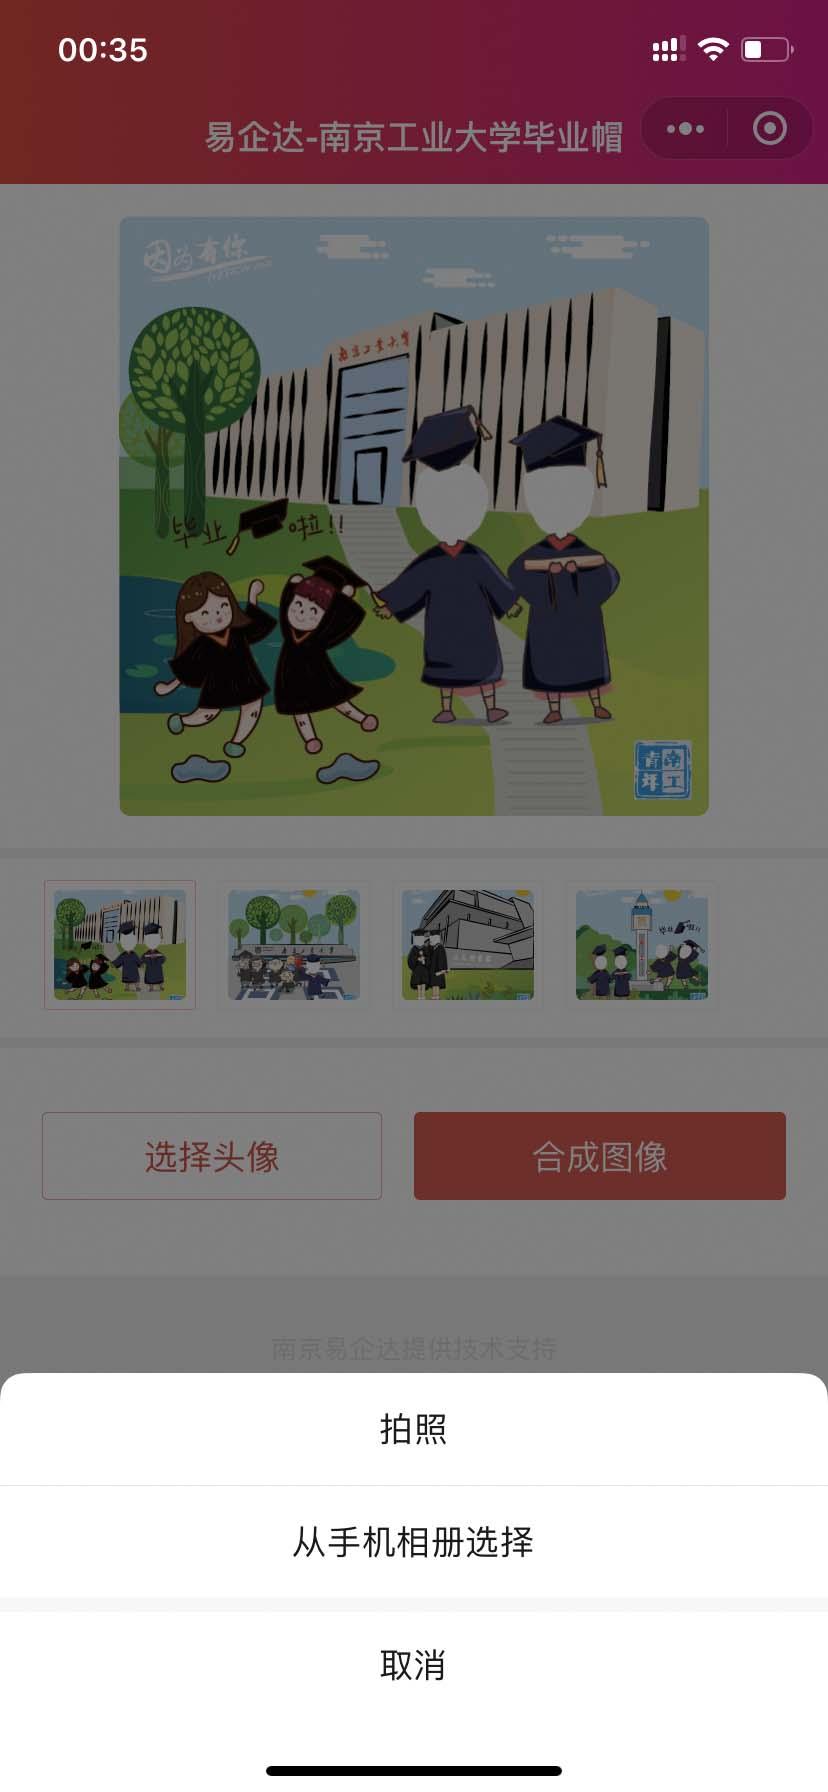 小程序案例-南京工业大学因为有你 最Q毕业照